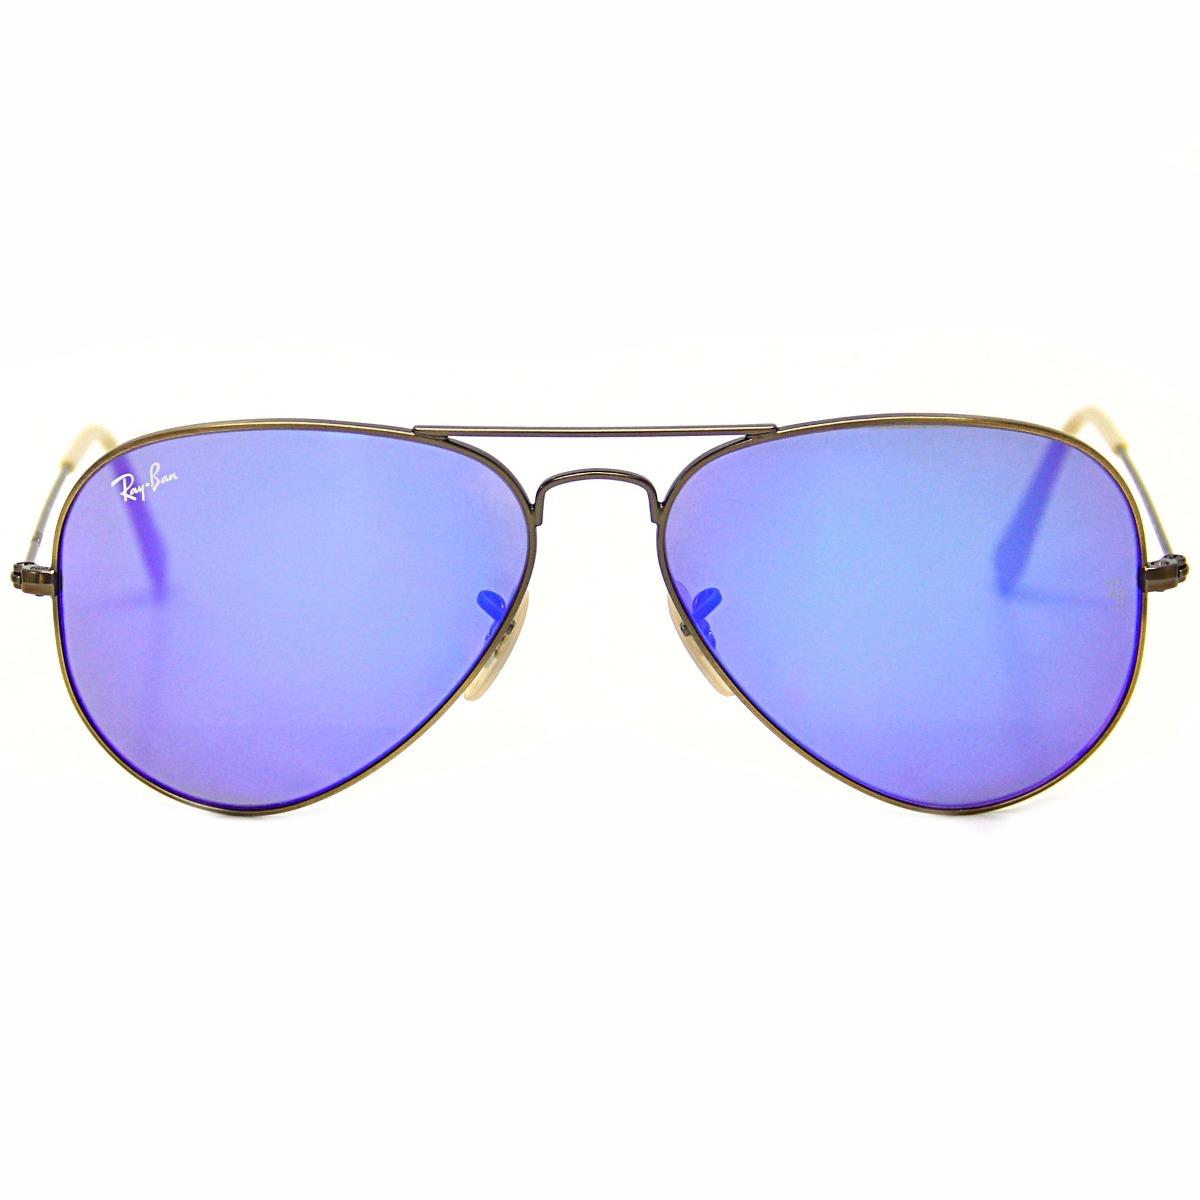 8e3369312d950 Óculos De Sol Ray Ban Aviador 3025 Lente Roxa Espelhada - R  499